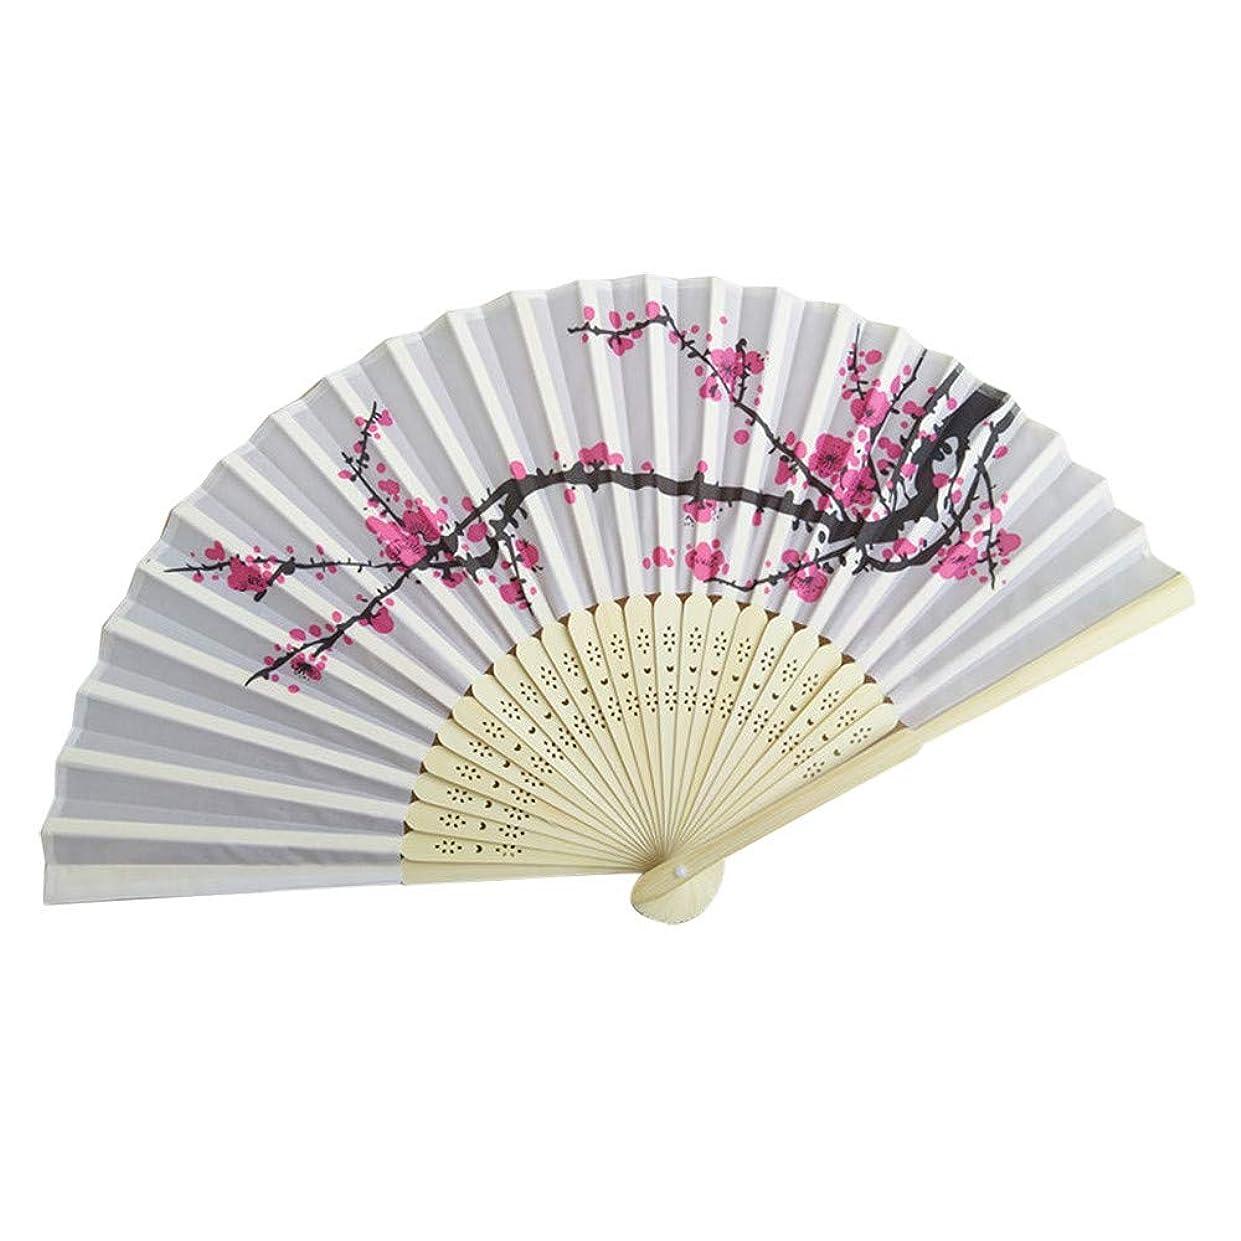 ワットカタログ小競り合いレース扇子 、折りたたみ手持ち花のファンダンスウェディングパーティーデコレーション装飾 (ホワイト)